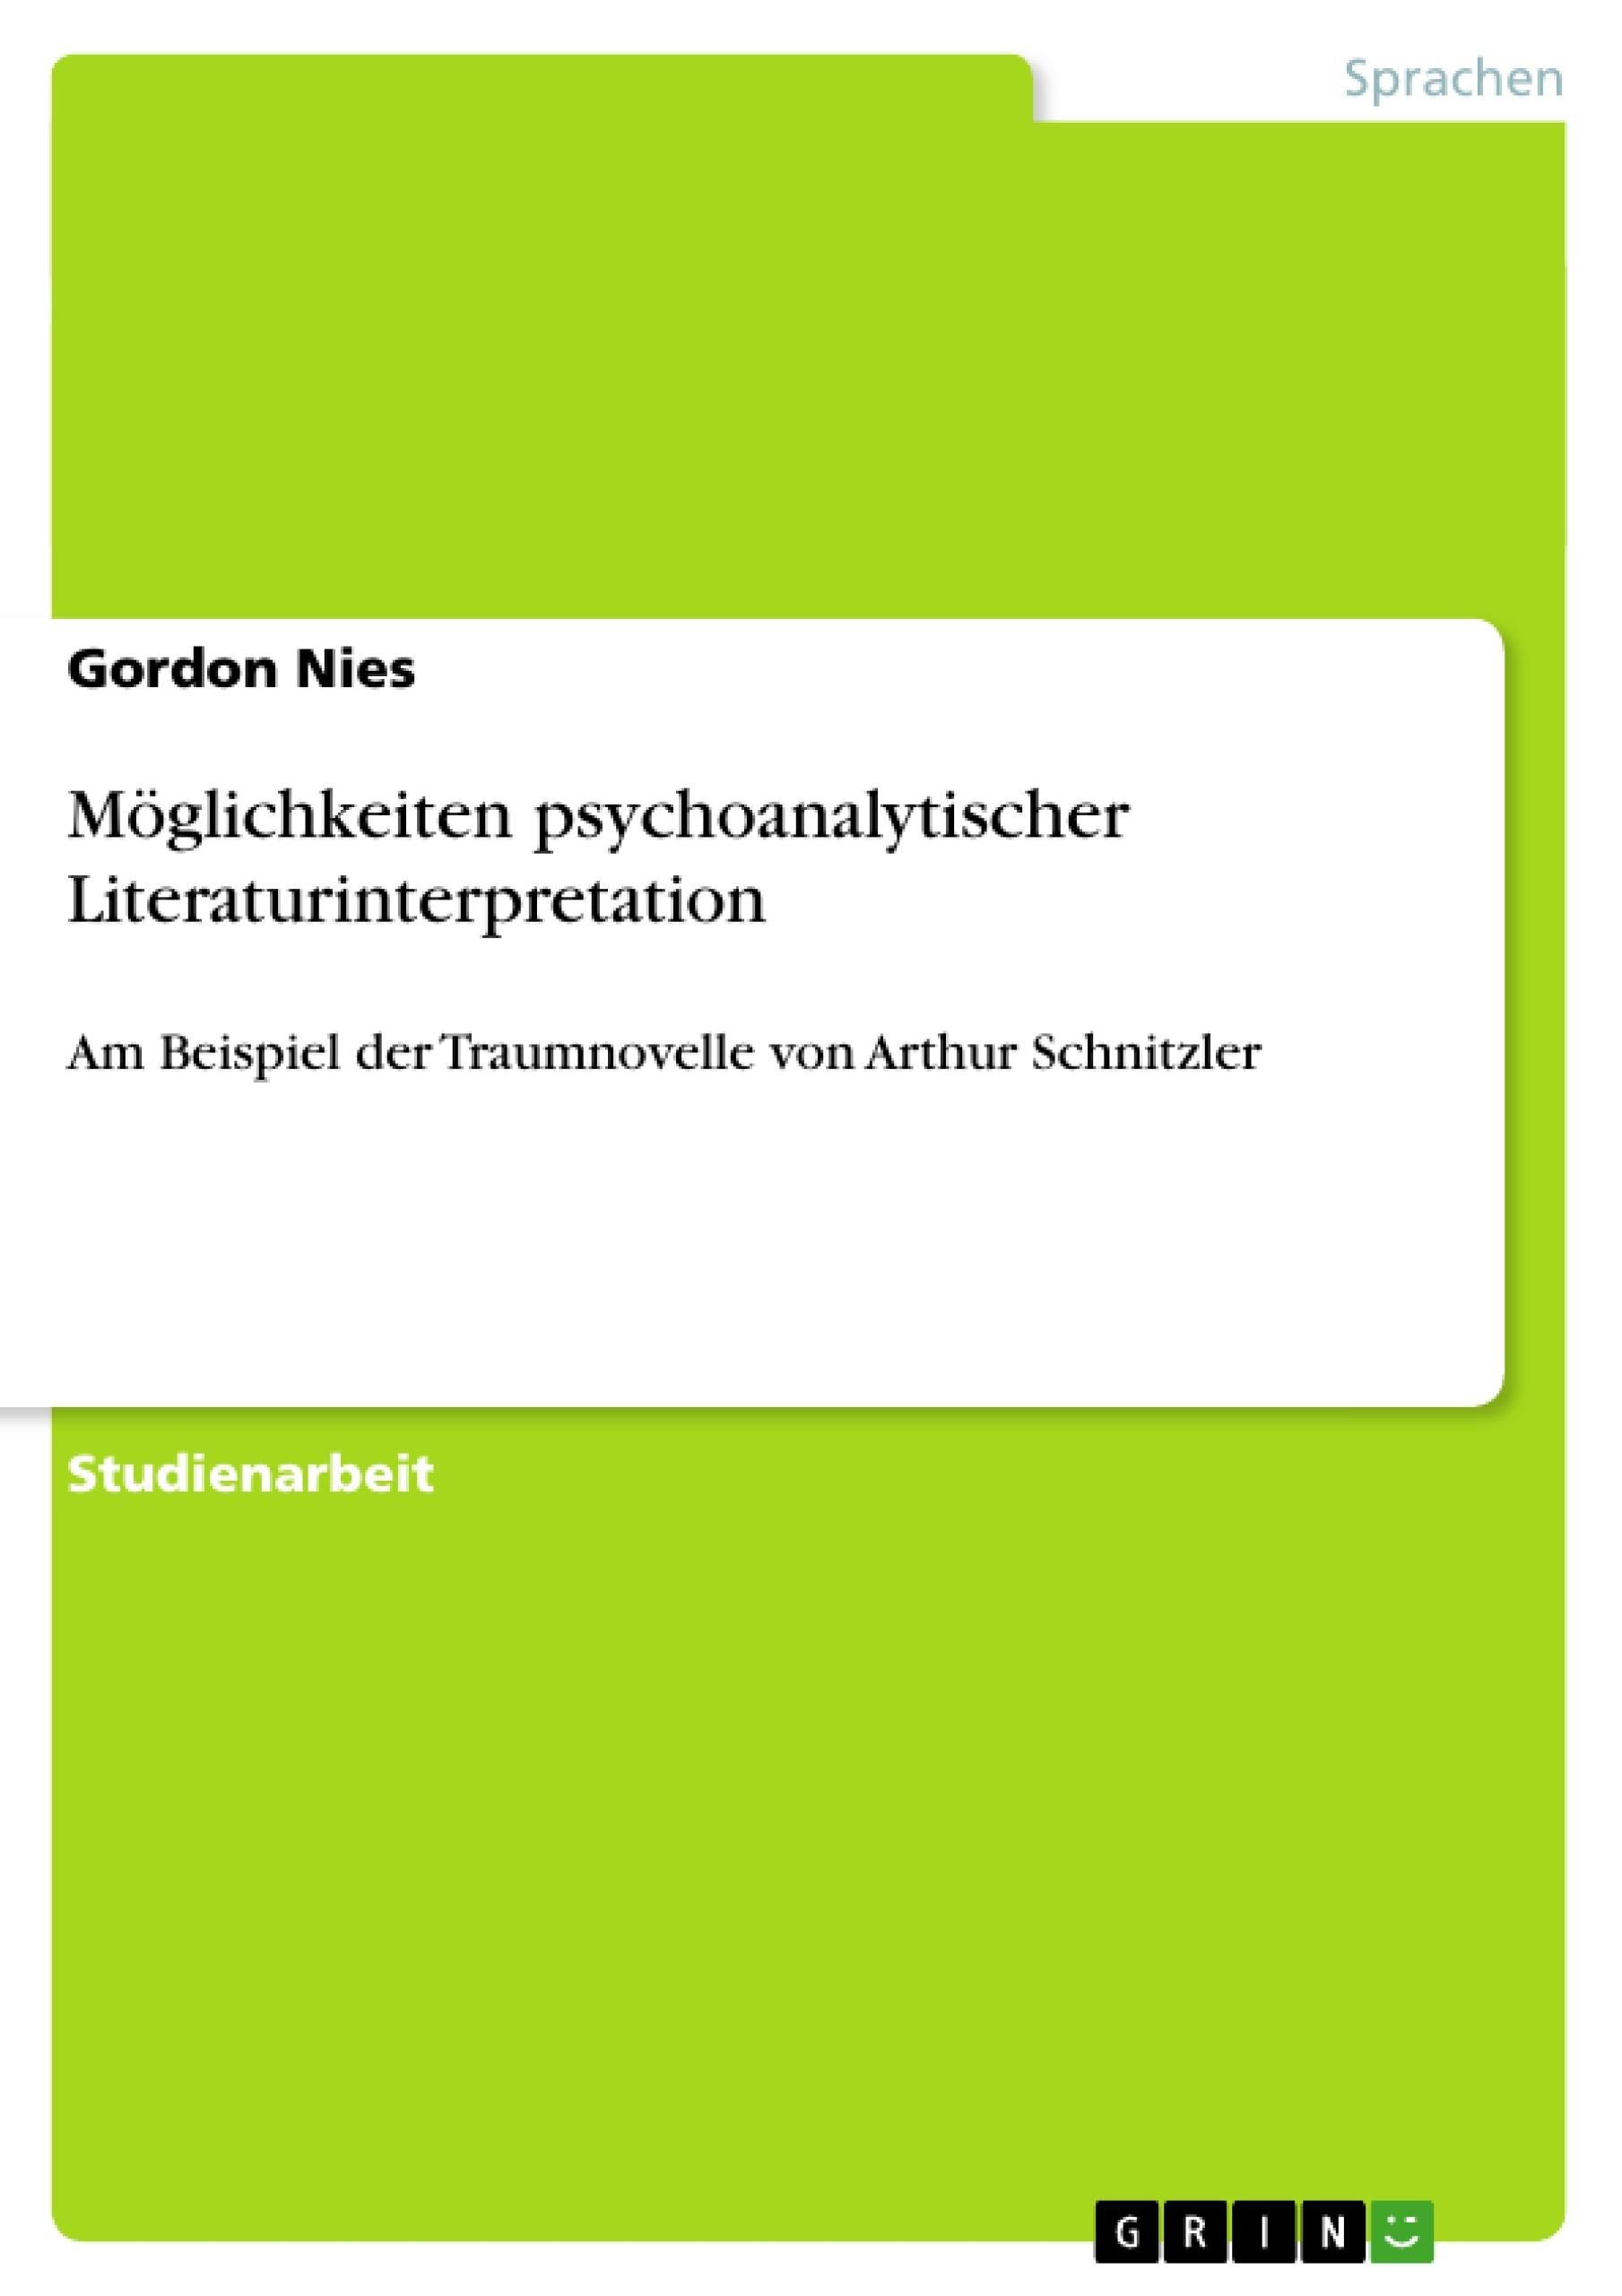 Titel: Möglichkeiten psychoanalytischer Literaturinterpretation